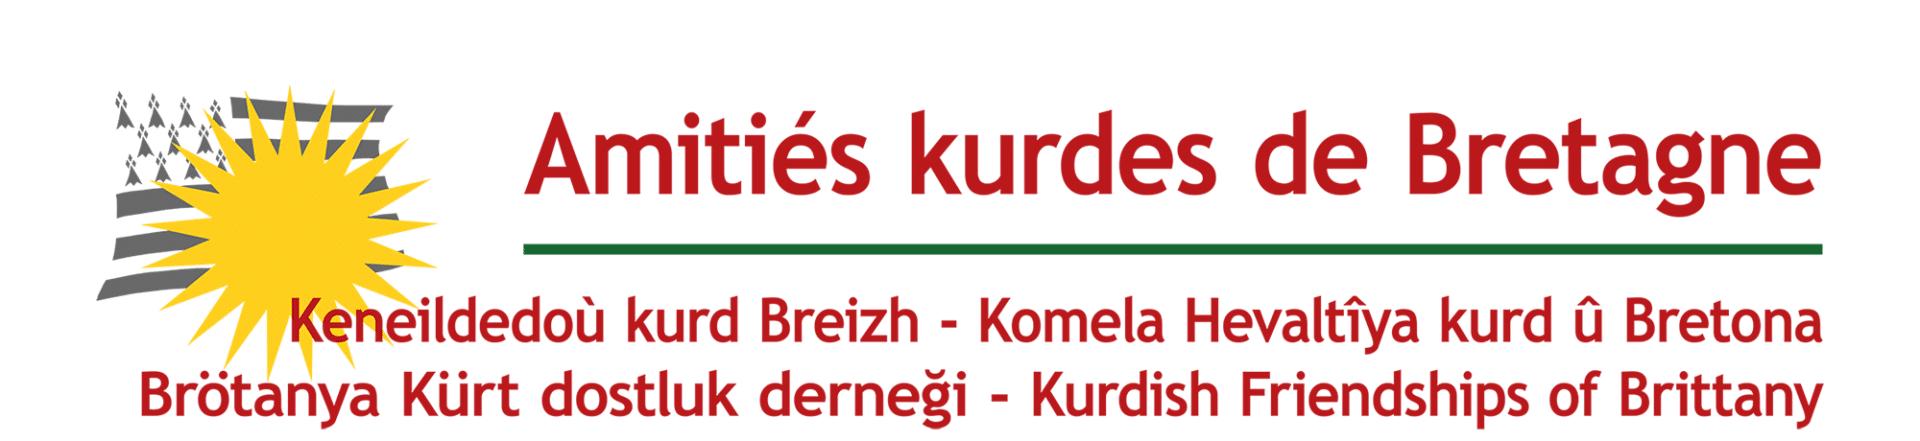 Amitiés kurdes de Bretagne